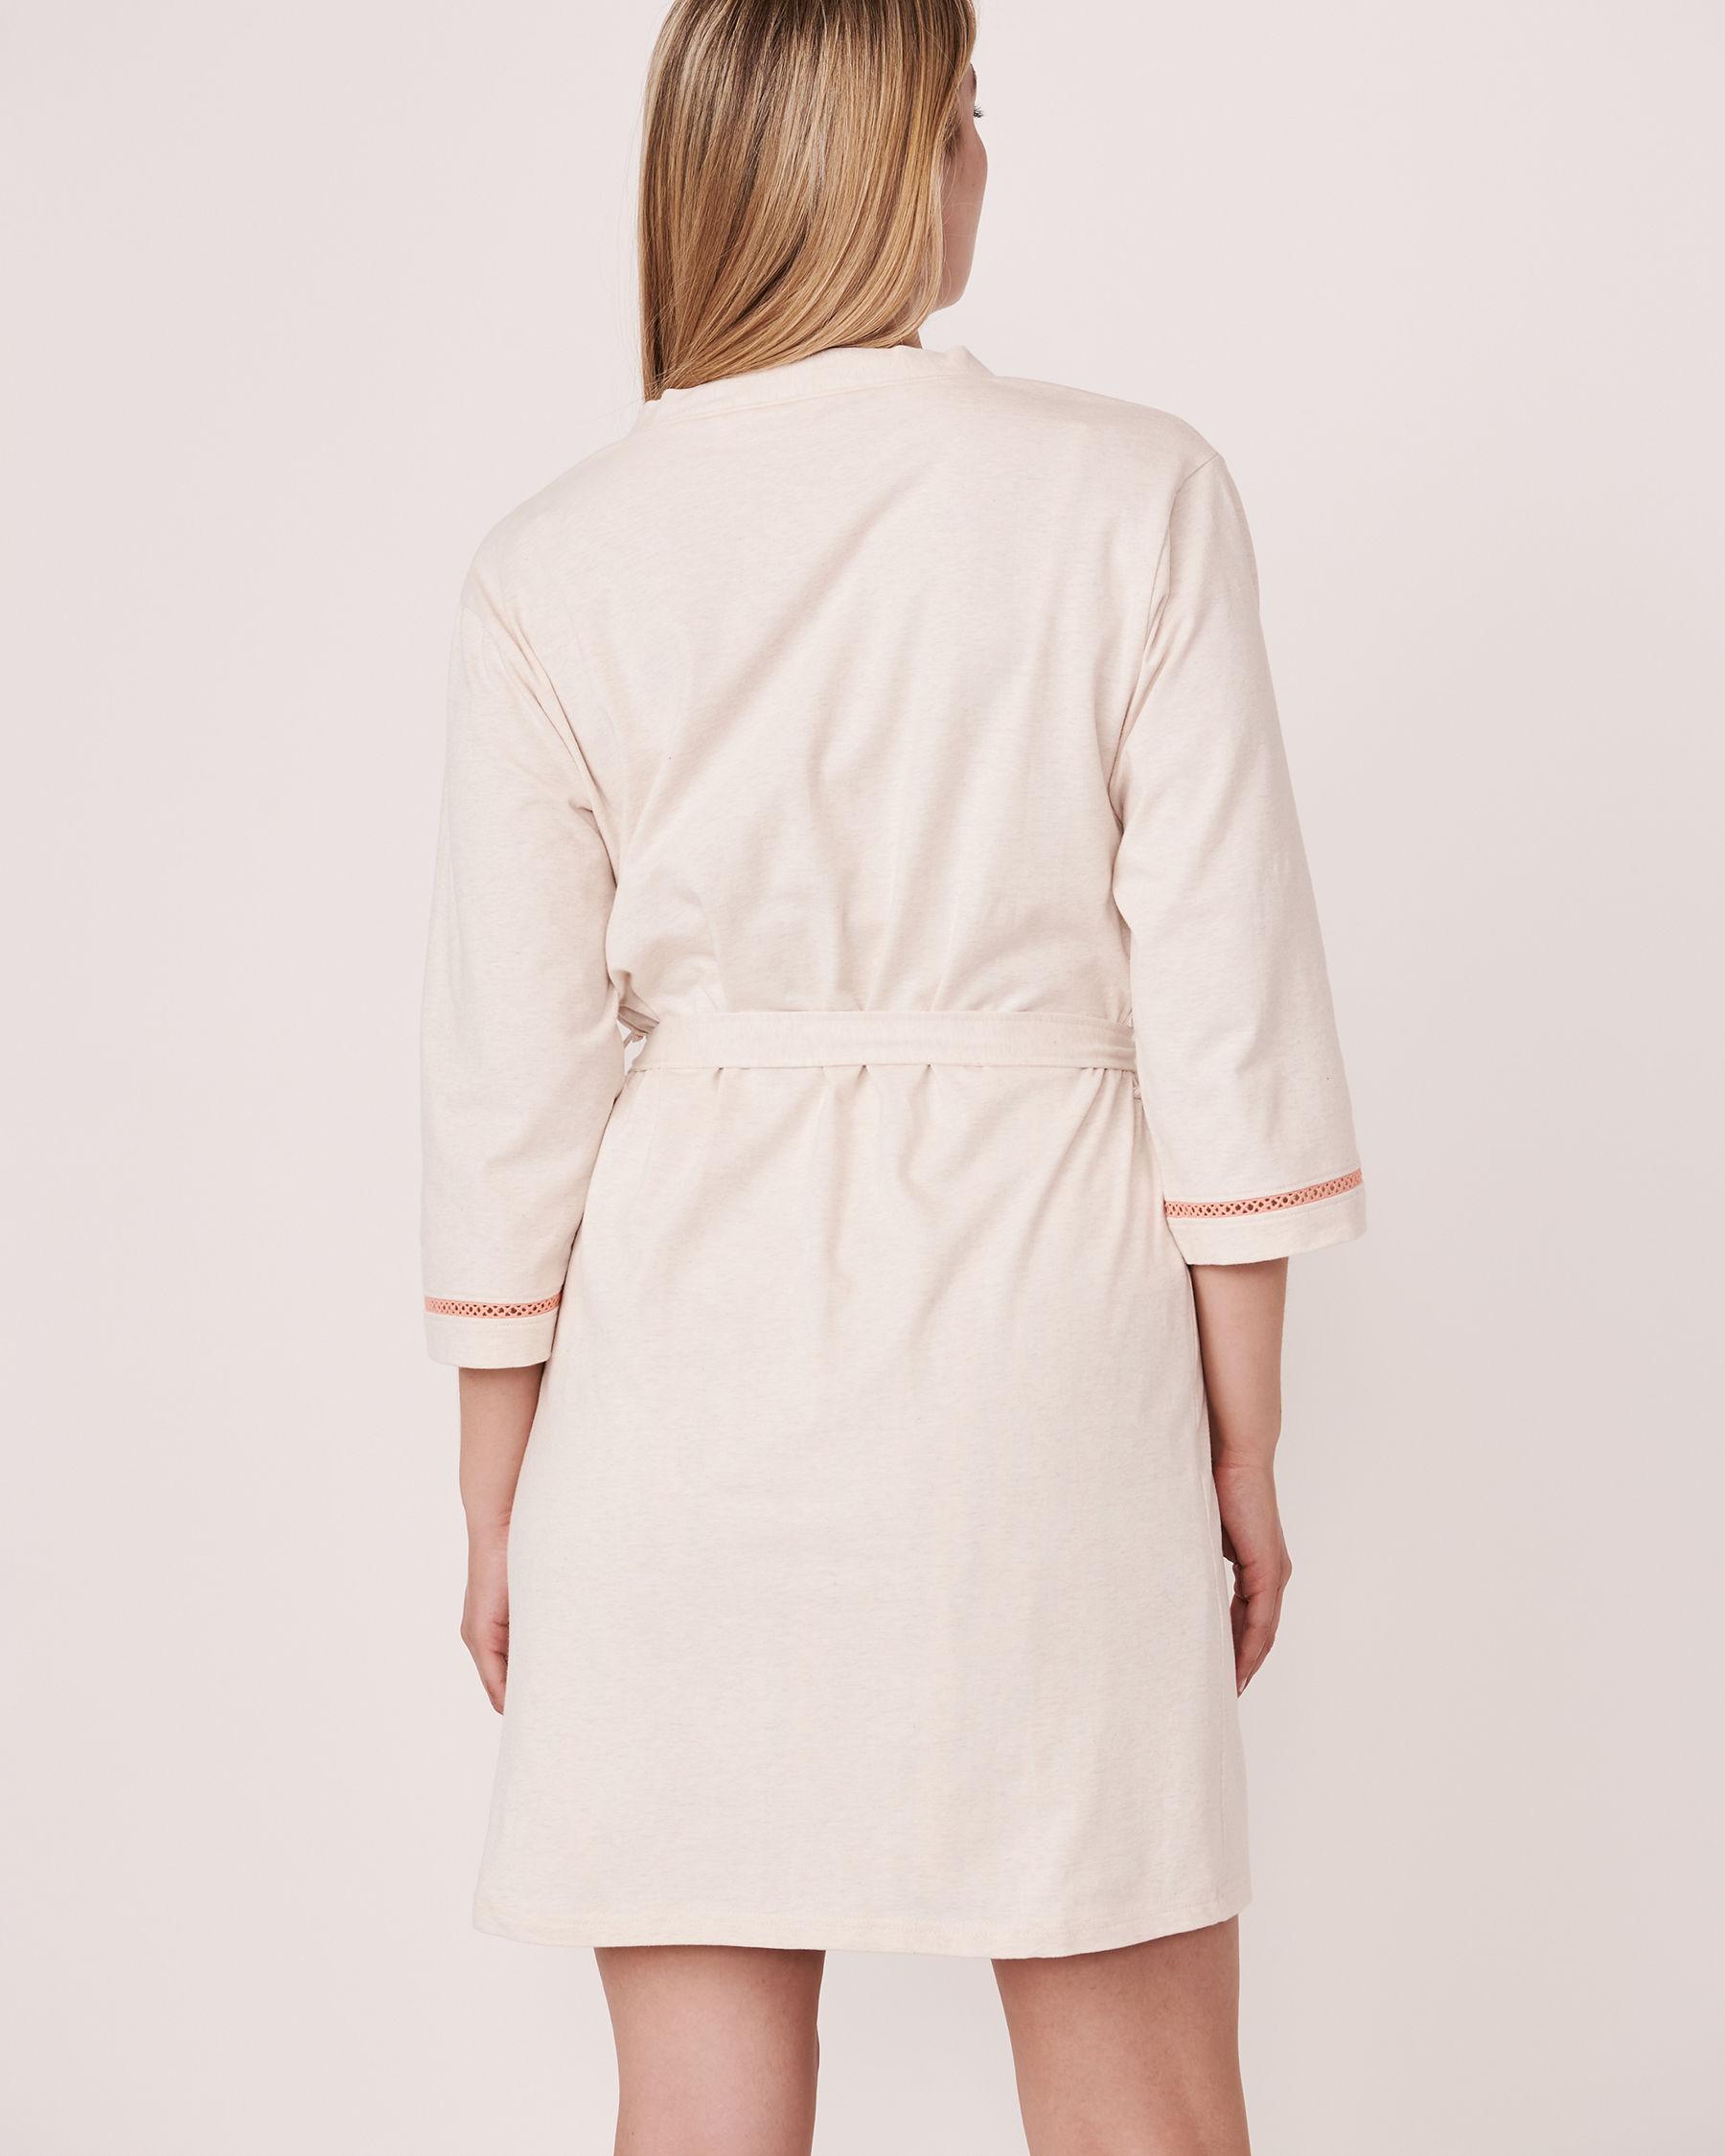 LA VIE EN ROSE Organic Cotton Kimono Grey mix 40600009 - View2